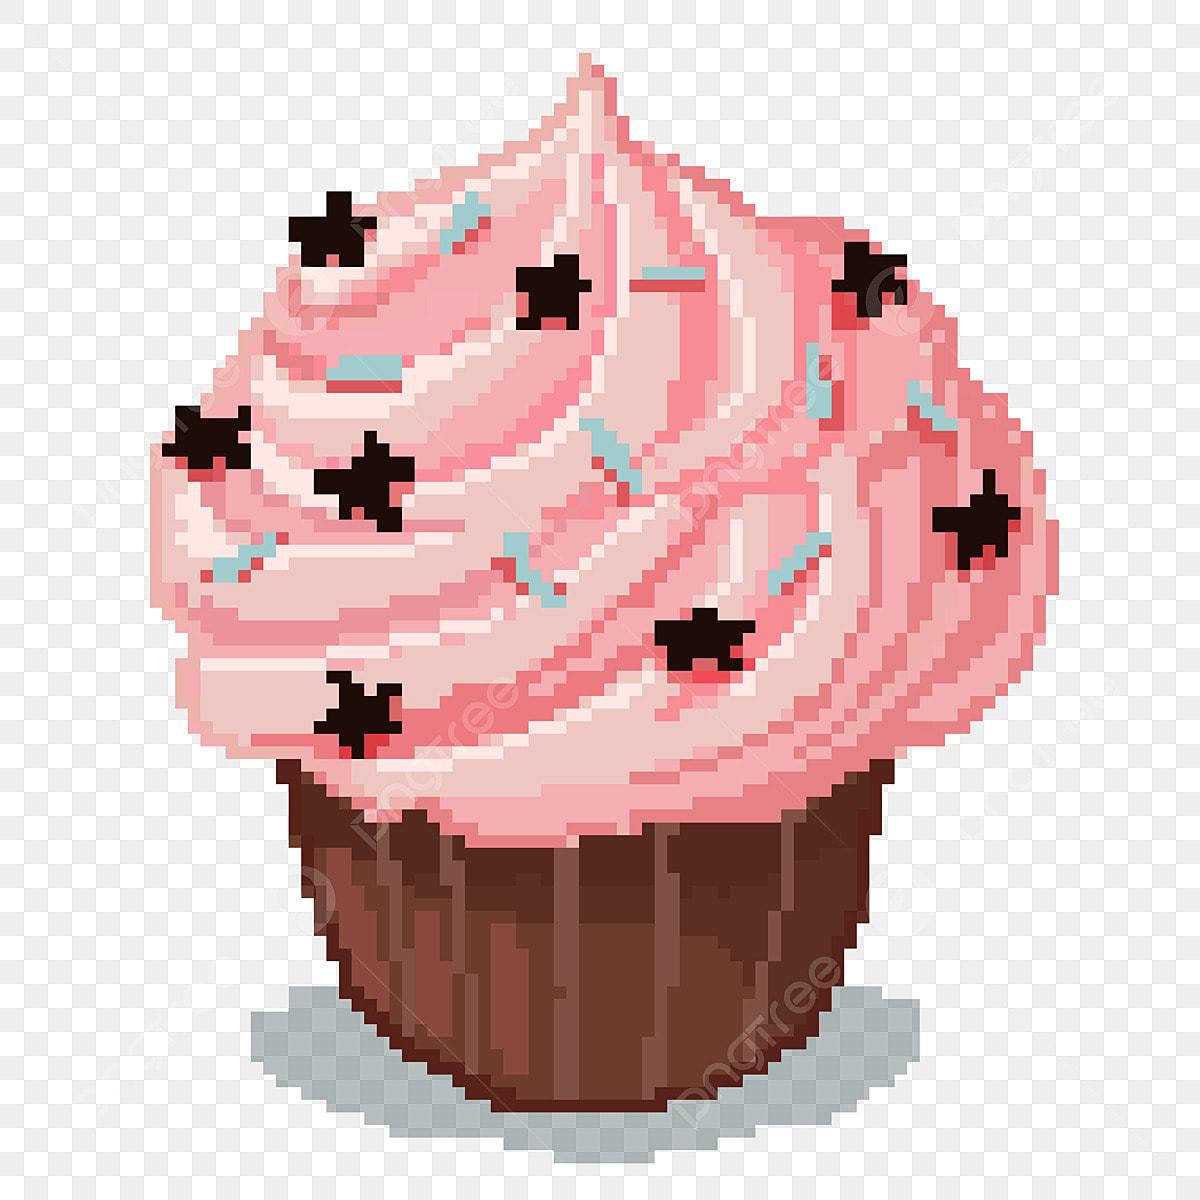 Peinture Au Pixel Crème Gâteau Peinture à Peinture Au